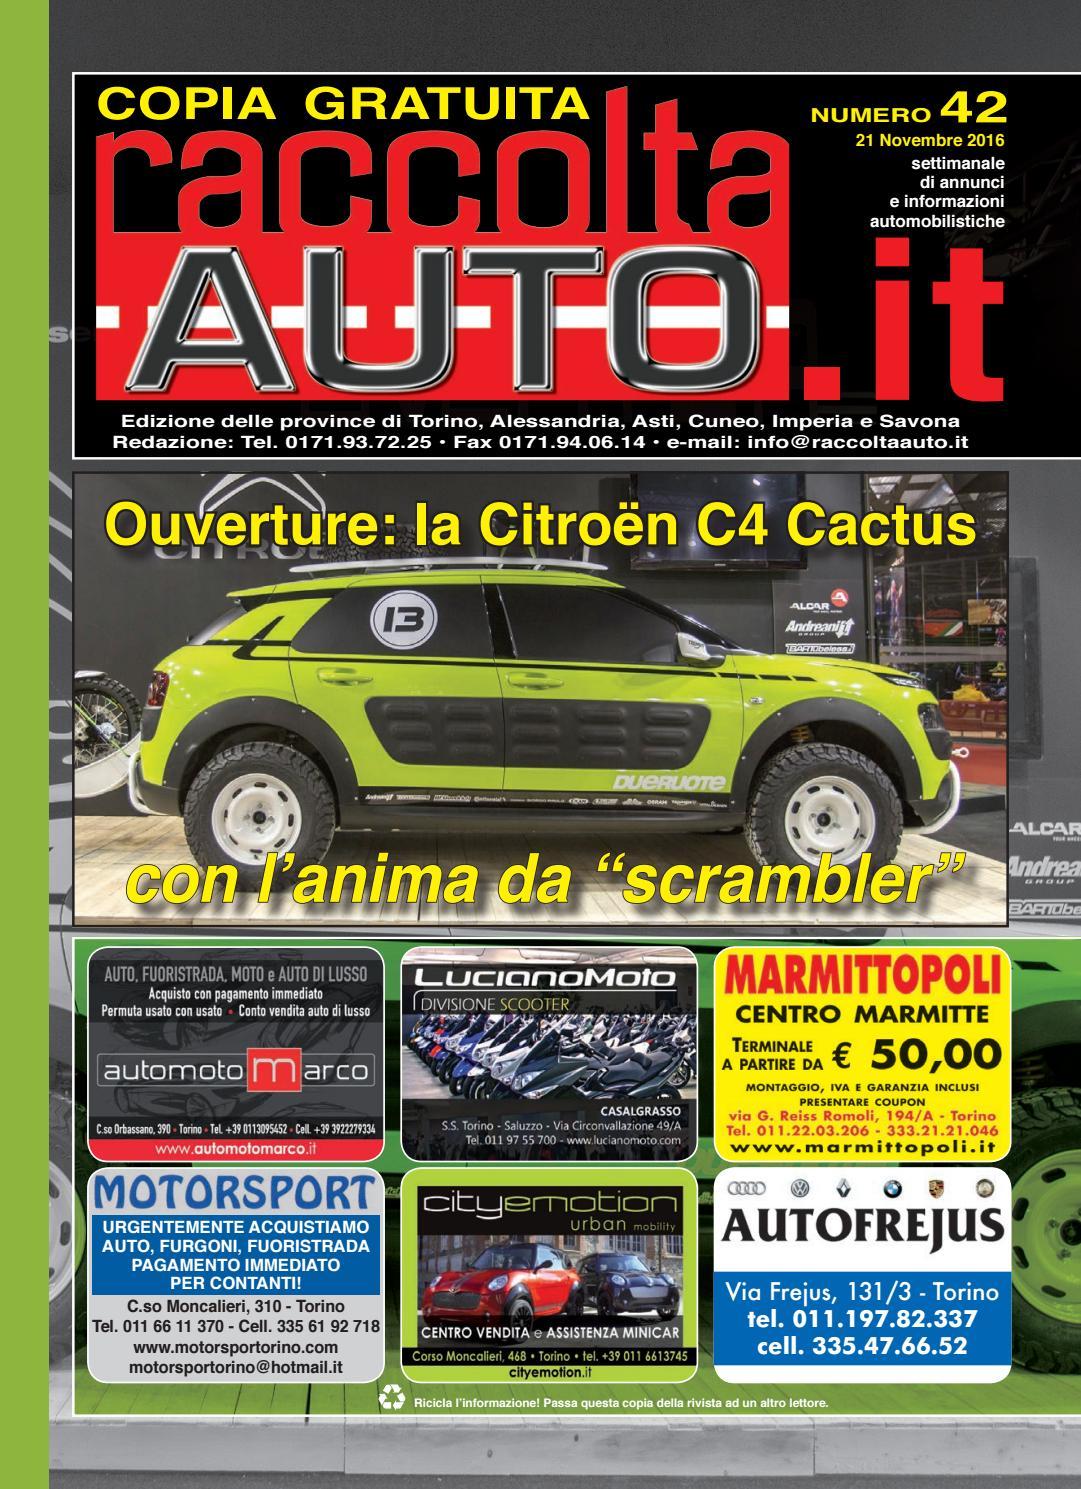 CRUISE CONTROL ACCELERATORE AUTOMATICO COMPATIBILE CON KYMCO XCITING R 300 MOTO SCOOTER